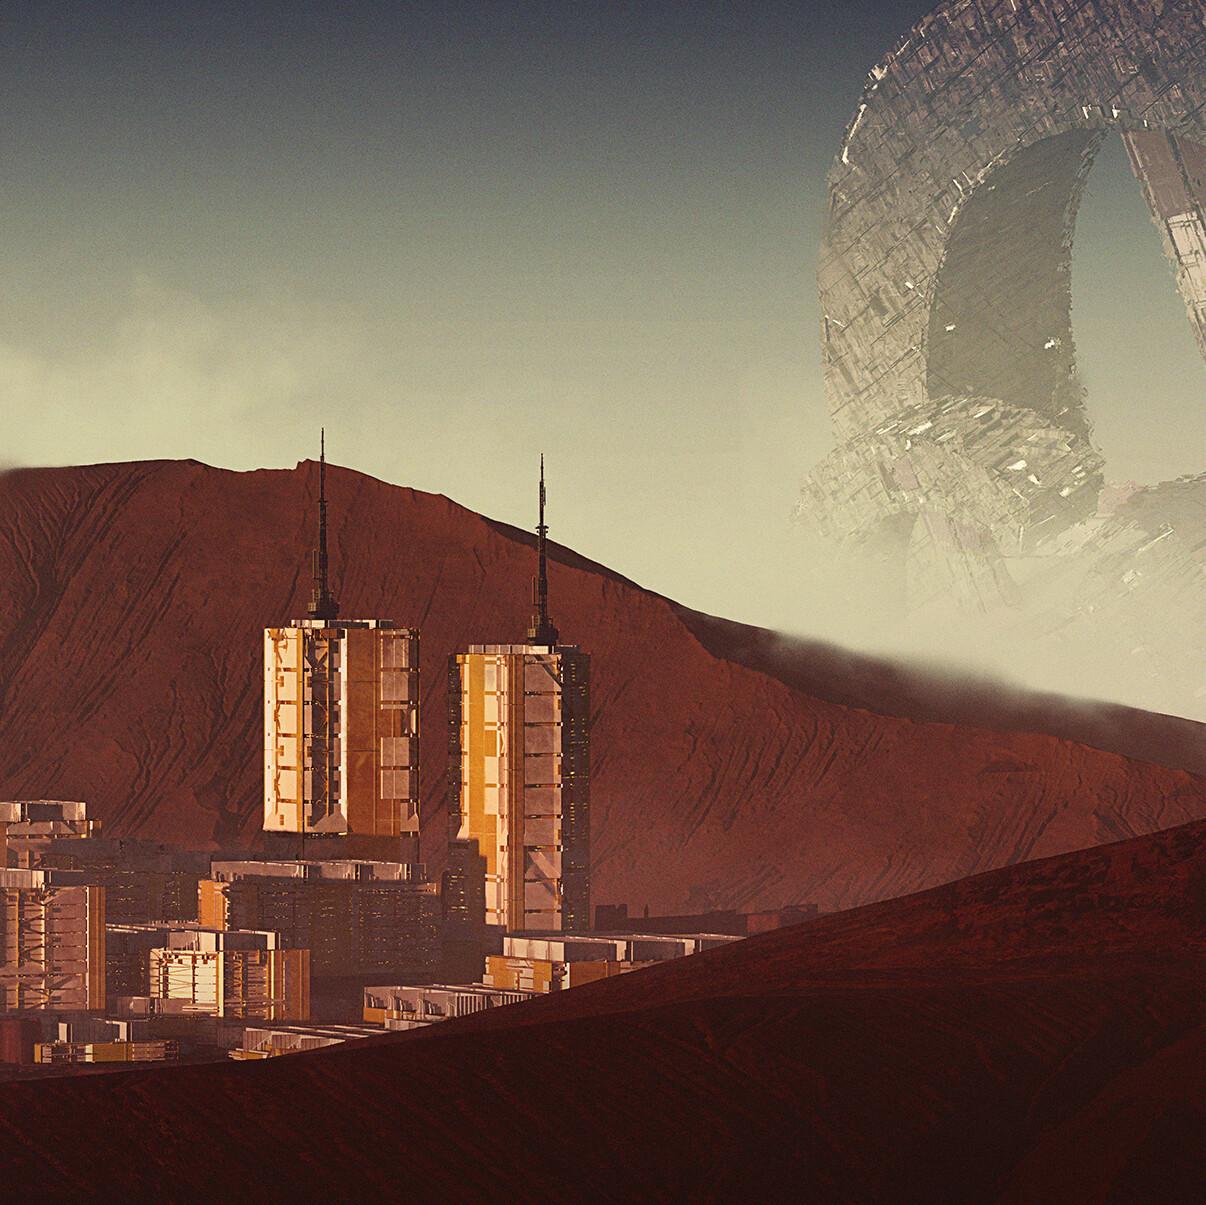 Settlement on Titan